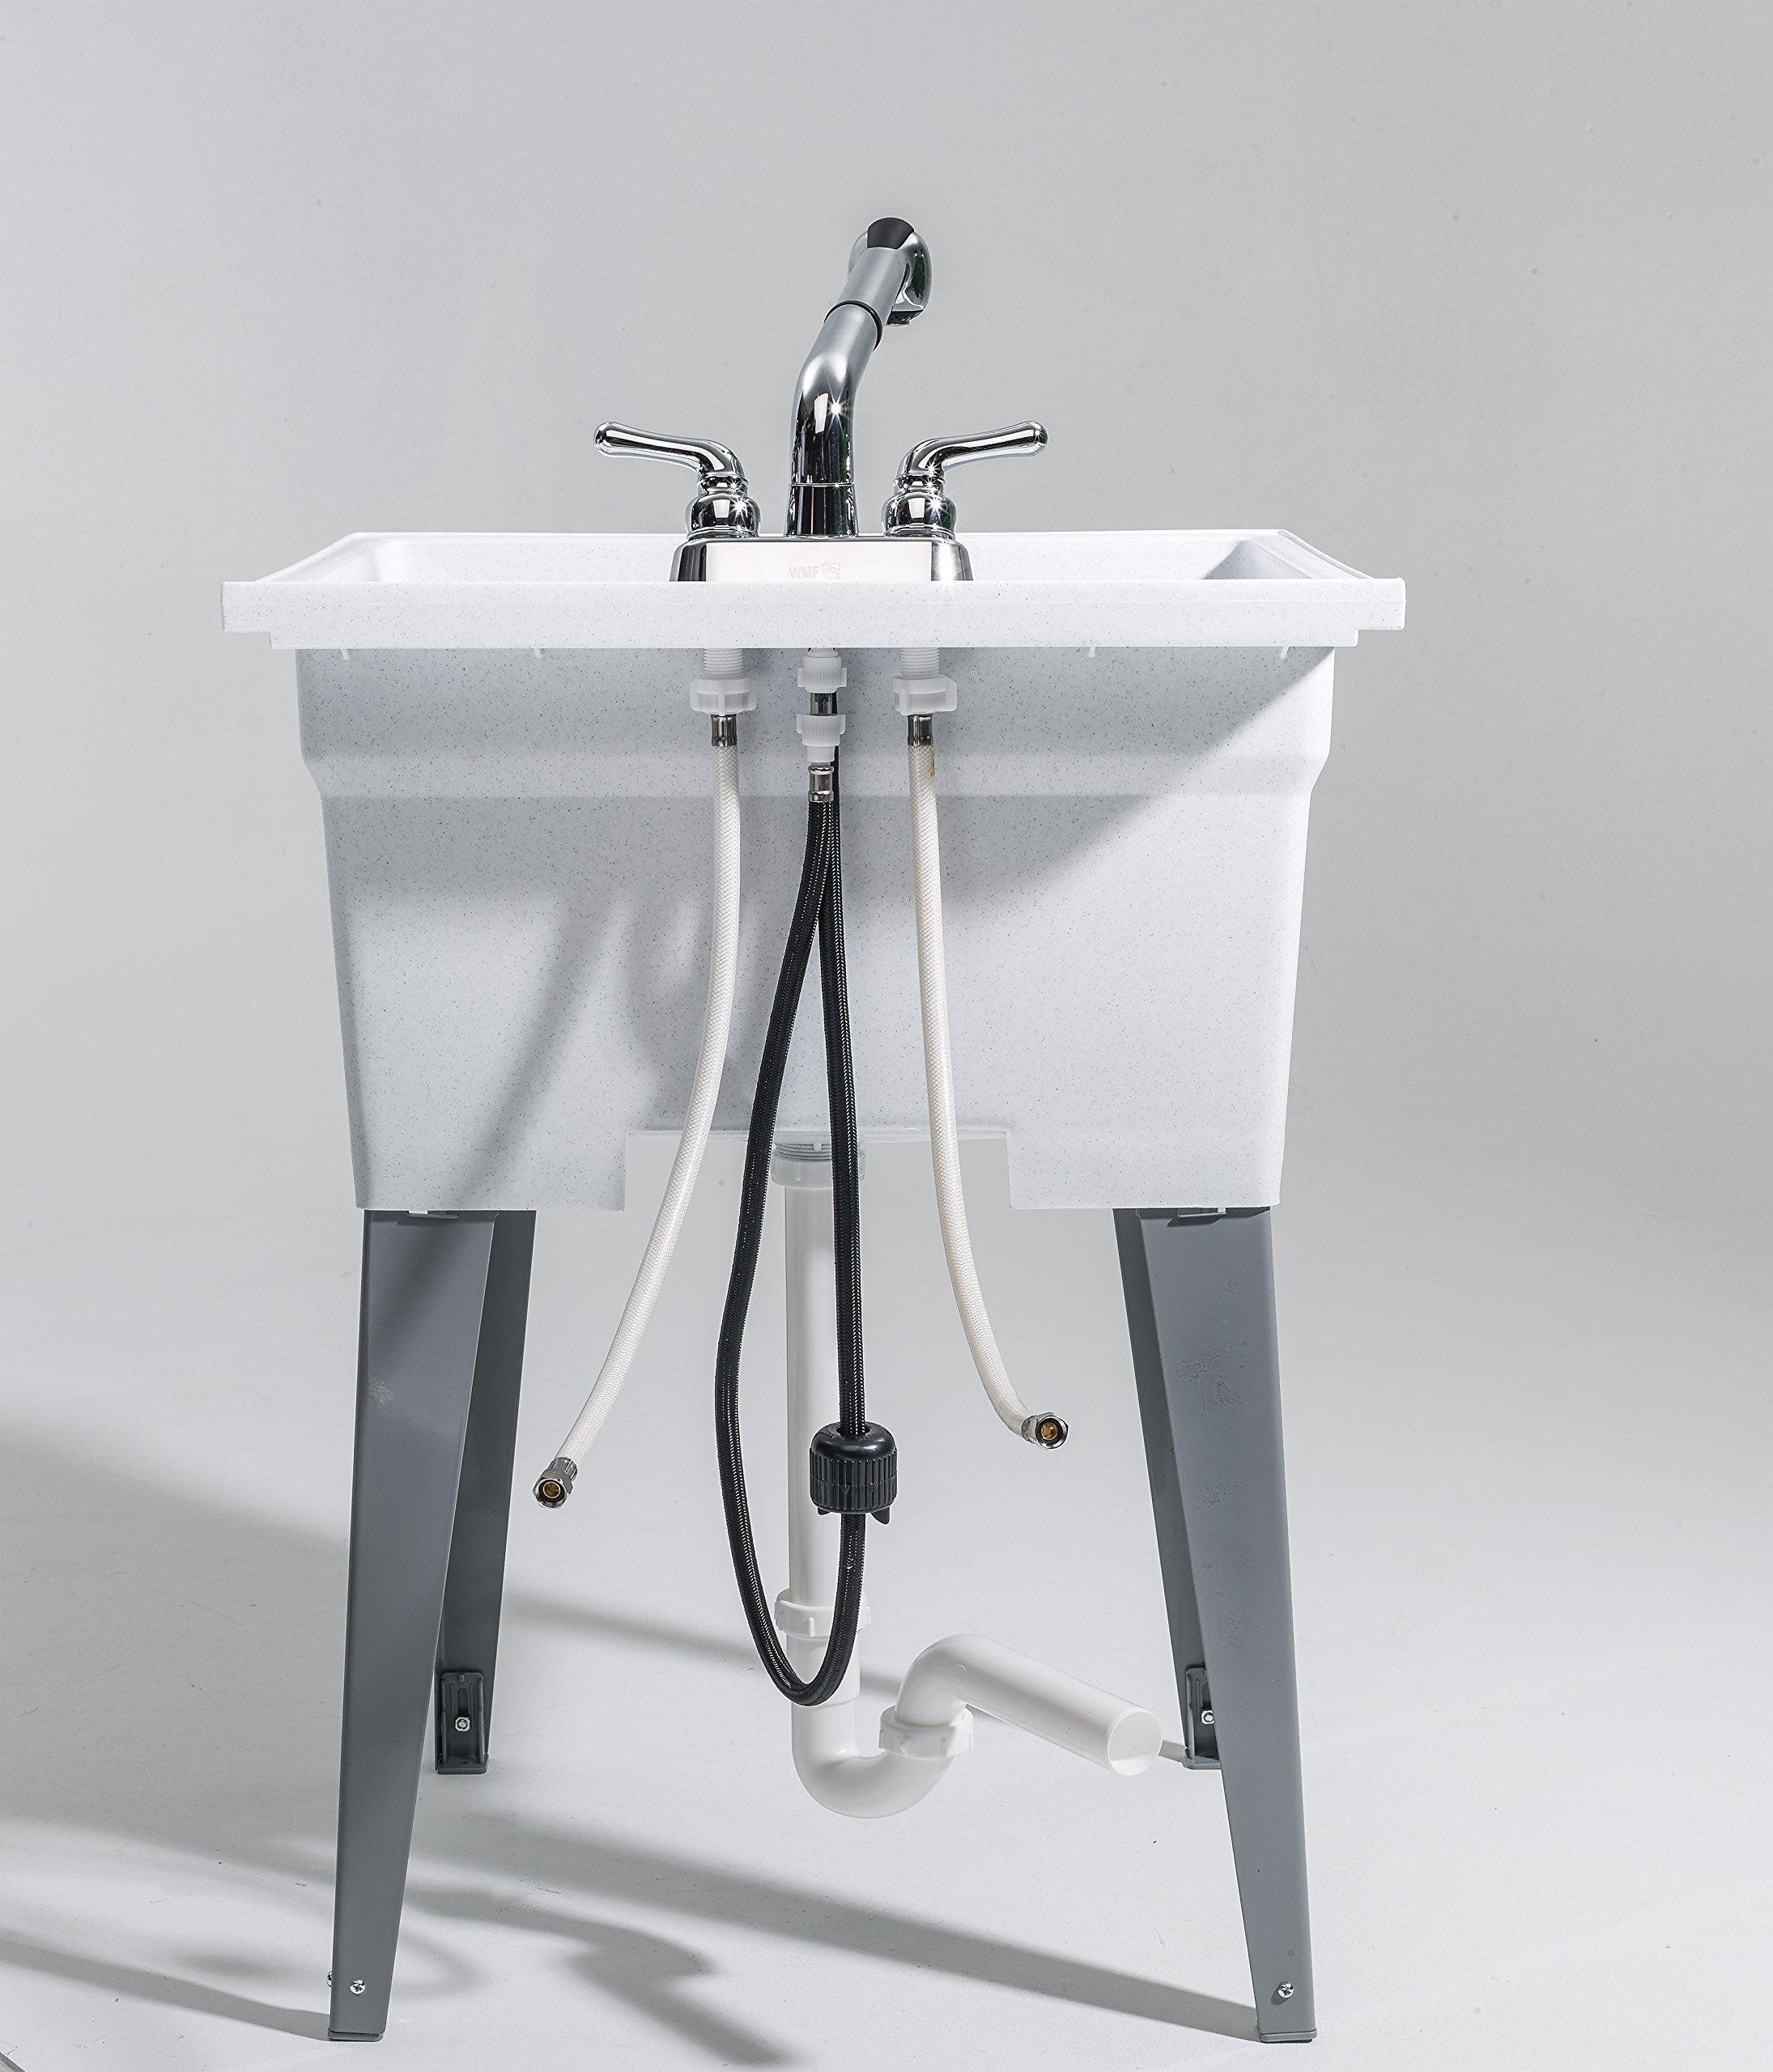 CASHEL 1960-32-02 Heavy Duty Sink - Fully Loaded Sink Kit, Granite by Cashel (Image #10)